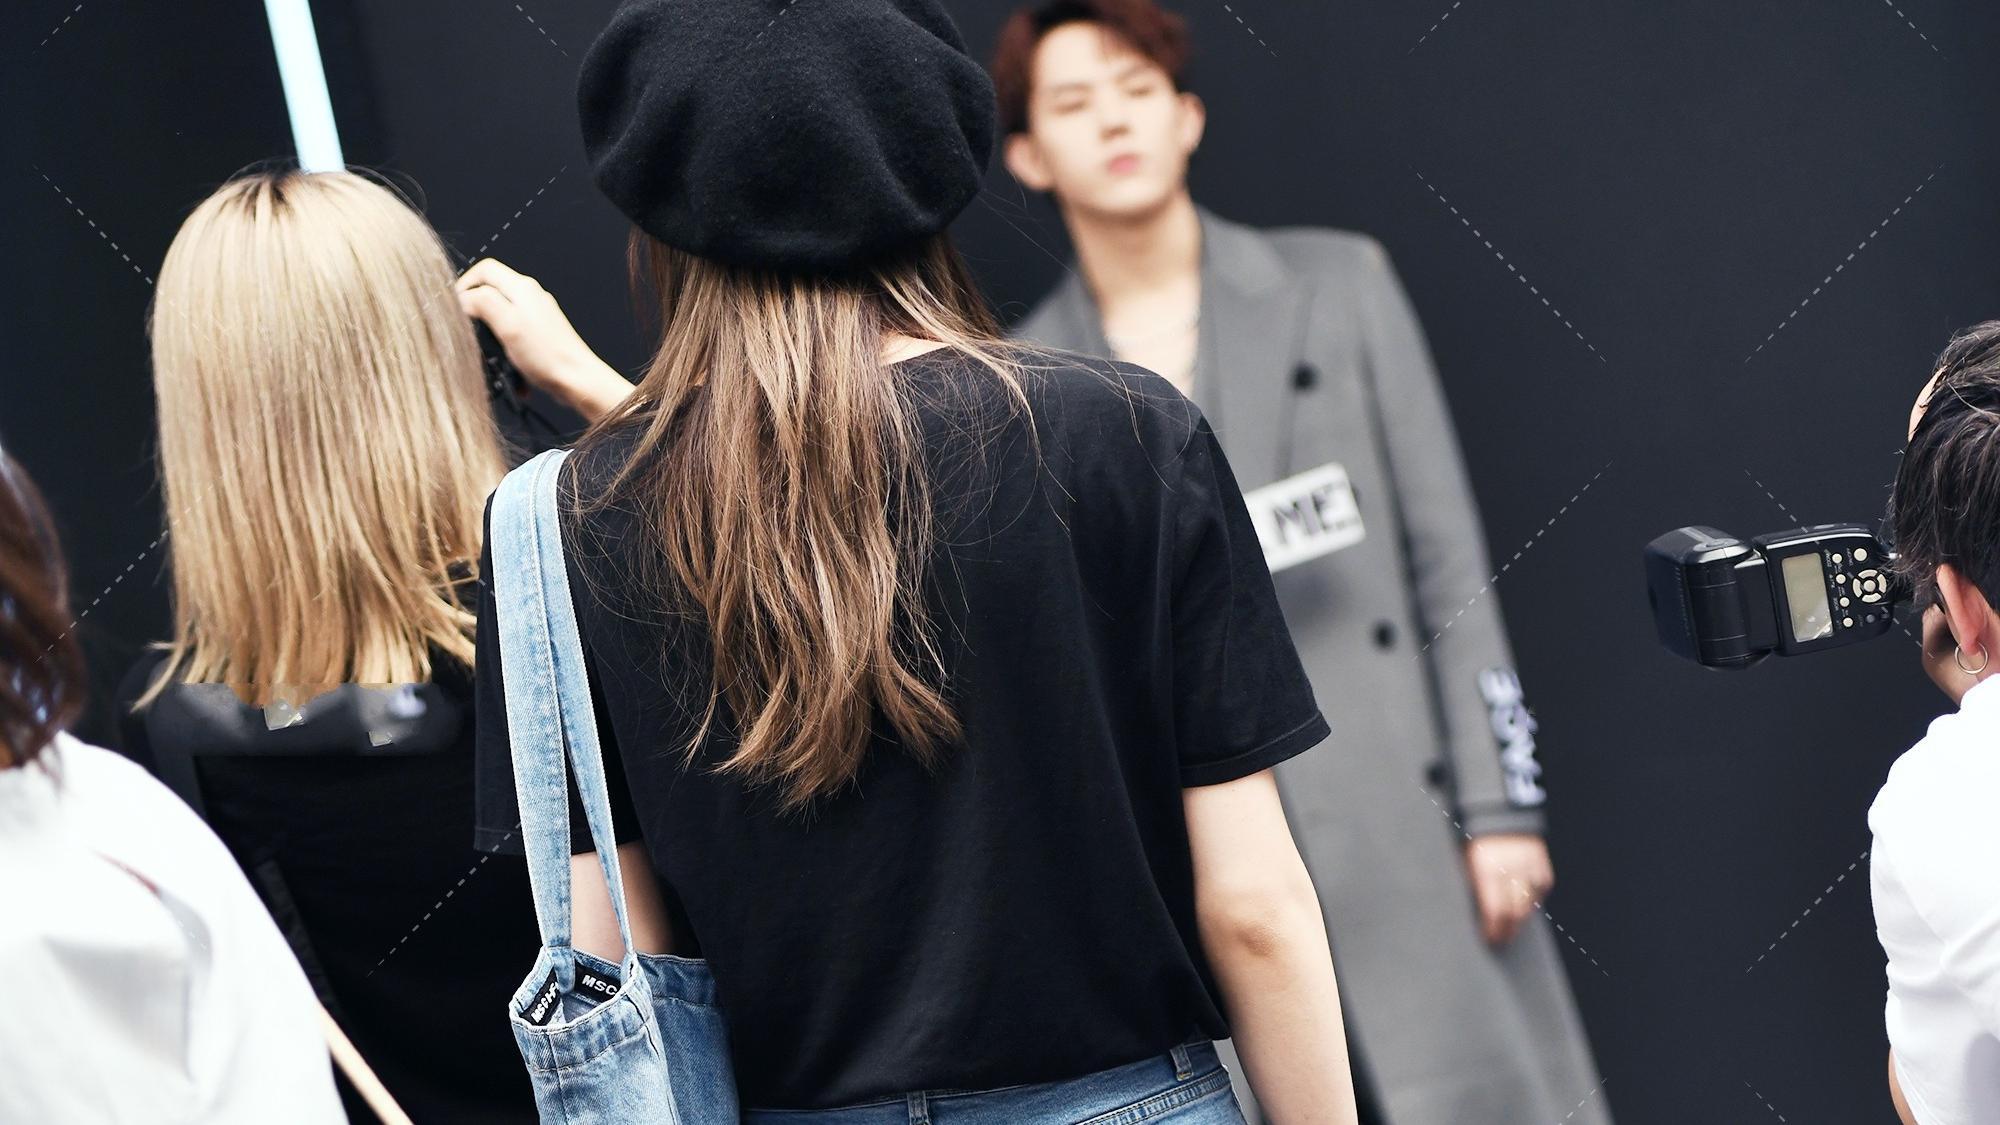 黑色短袖搭配蓝色长裤,可以穿出一种既休闲,又酷的感觉